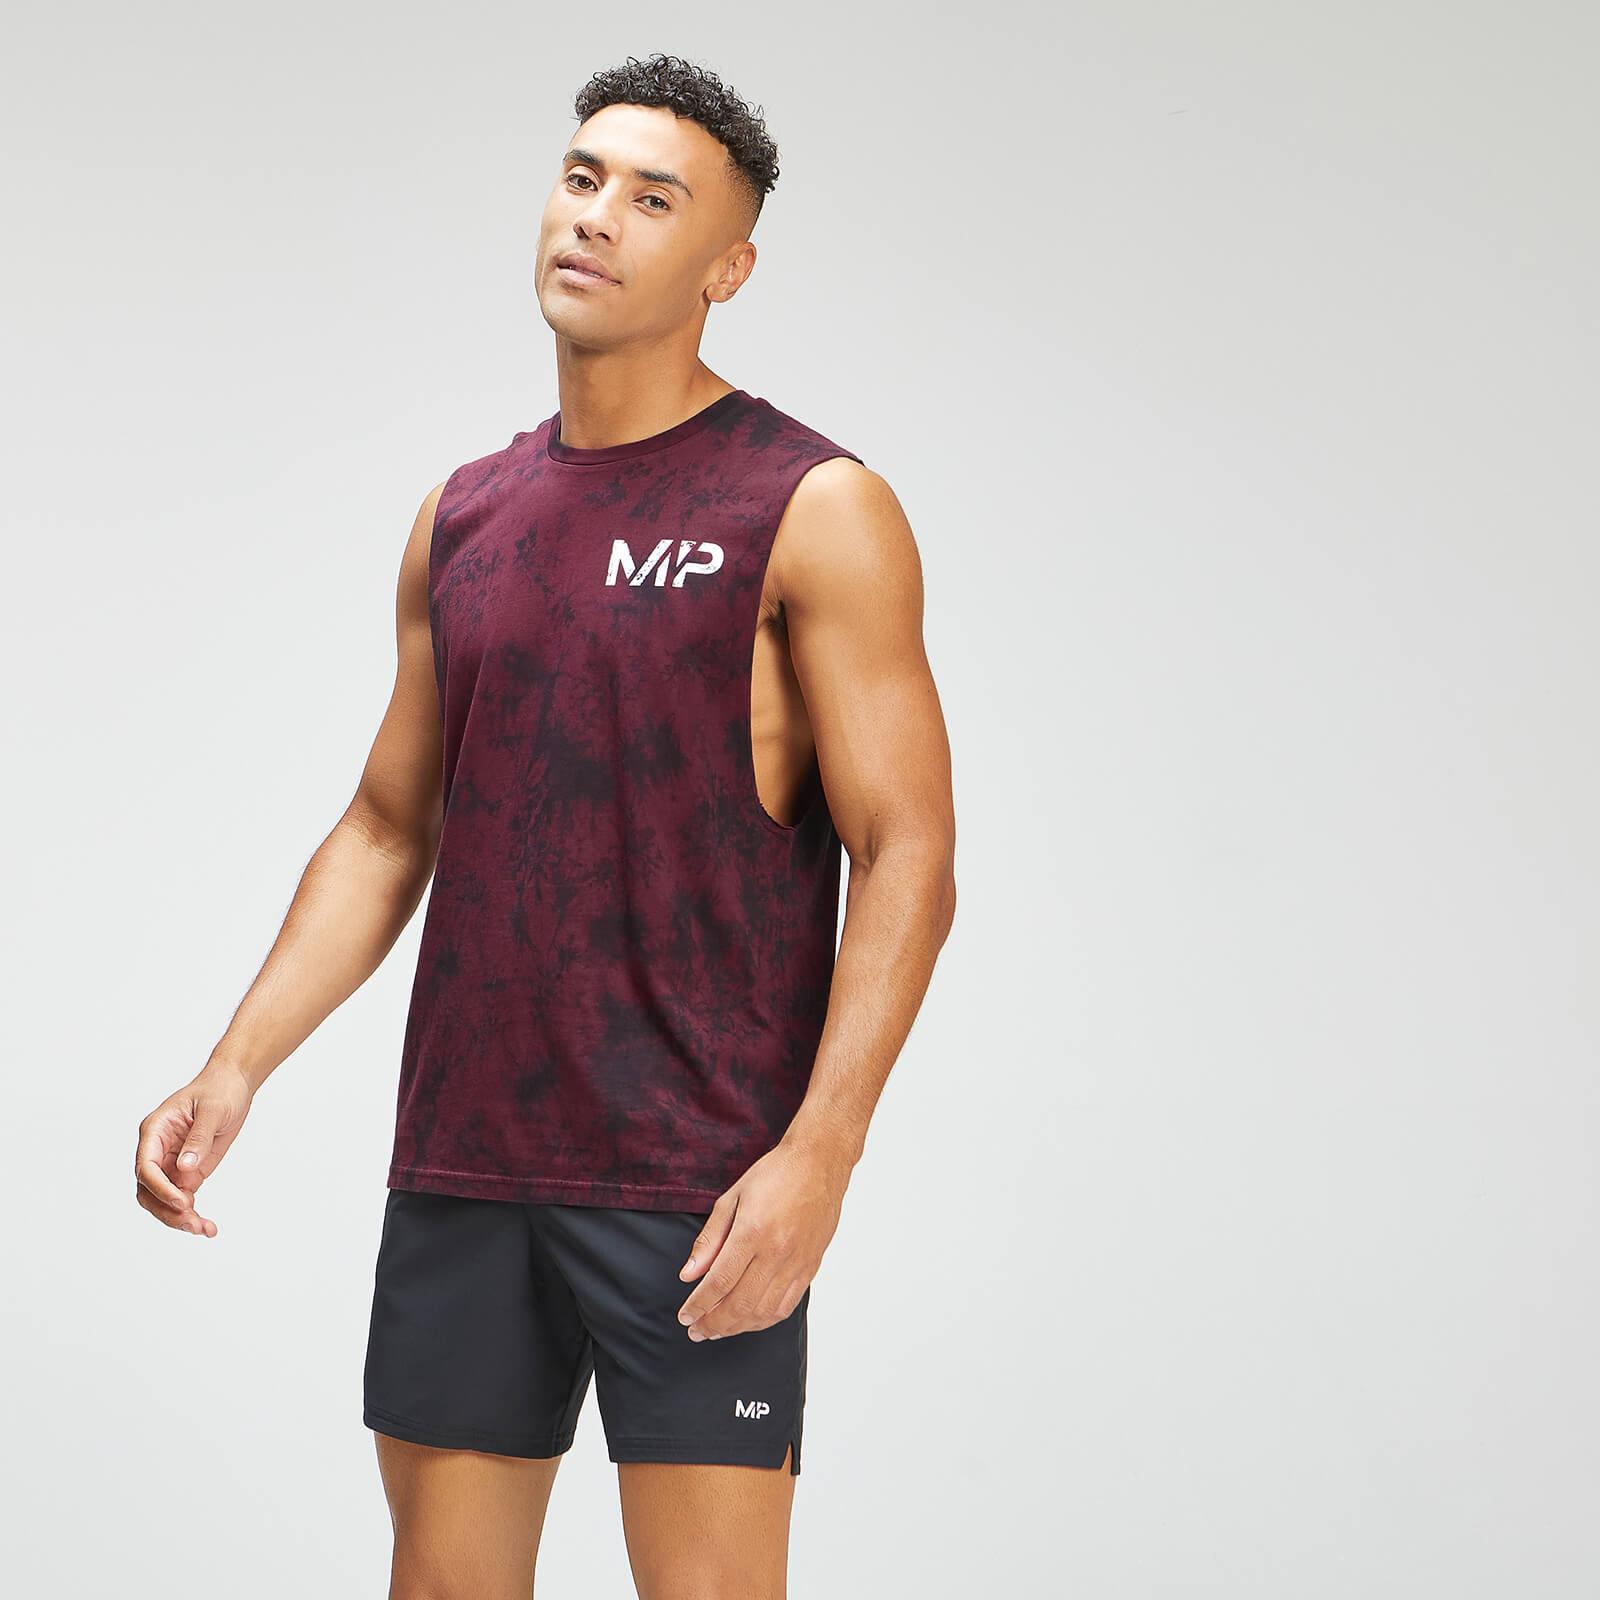 MP Men's Adapt Tie Dye Tank Top - Black/Merlot - S, Myprotein International  - купить со скидкой